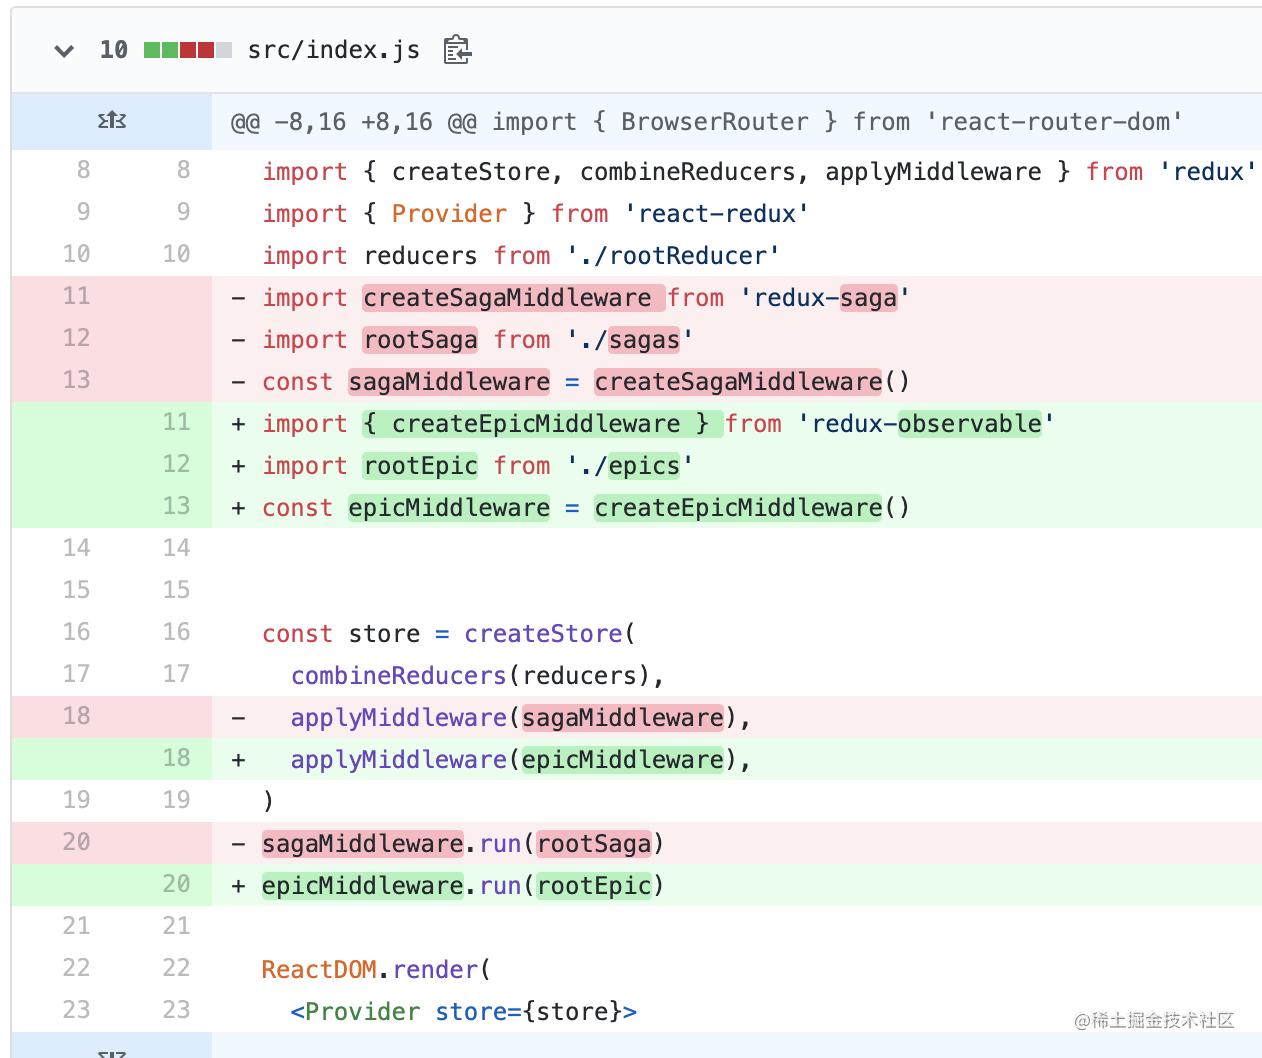 Redux Saga 和 Redux Observable 的配置对比